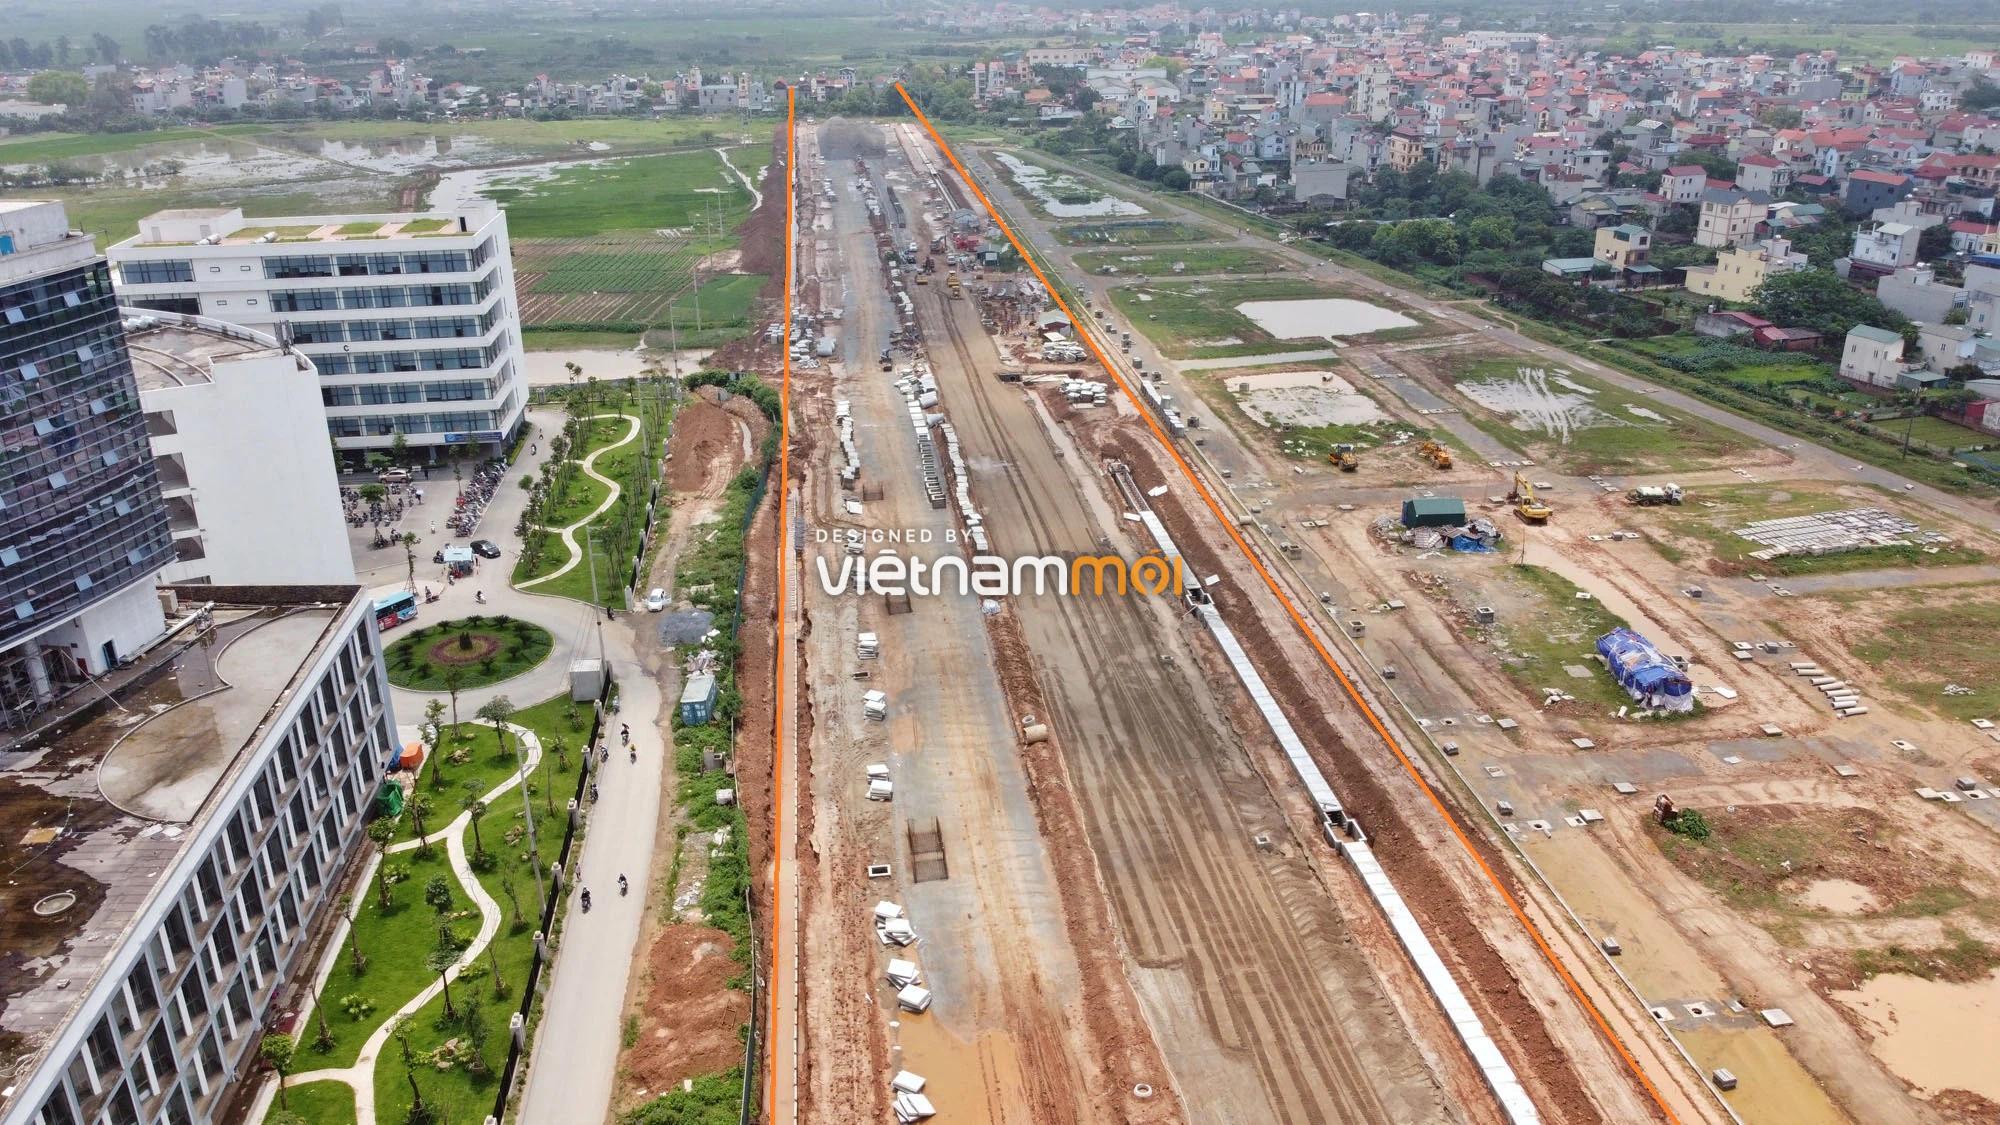 Toàn cảnh đường nối Đại lộ Thăng Long - tỉnh lộ 423 qua KĐT Nam An Khánh đang mở theo quy hoạch ở Hà Nội - Ảnh 11.